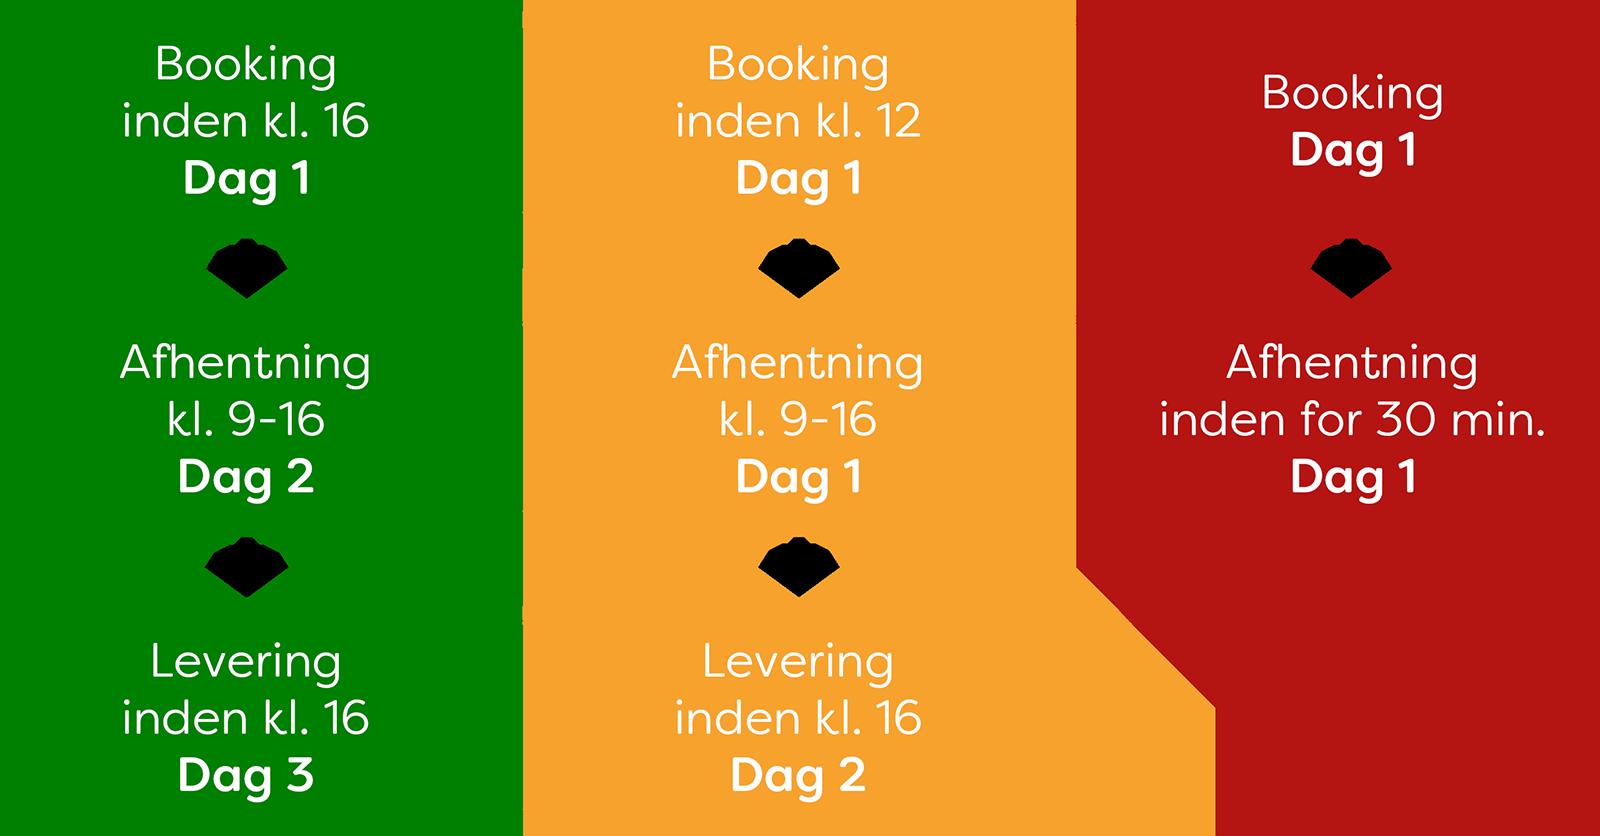 Overblik over de 3 transportordningedr (grøn, gul og rød)